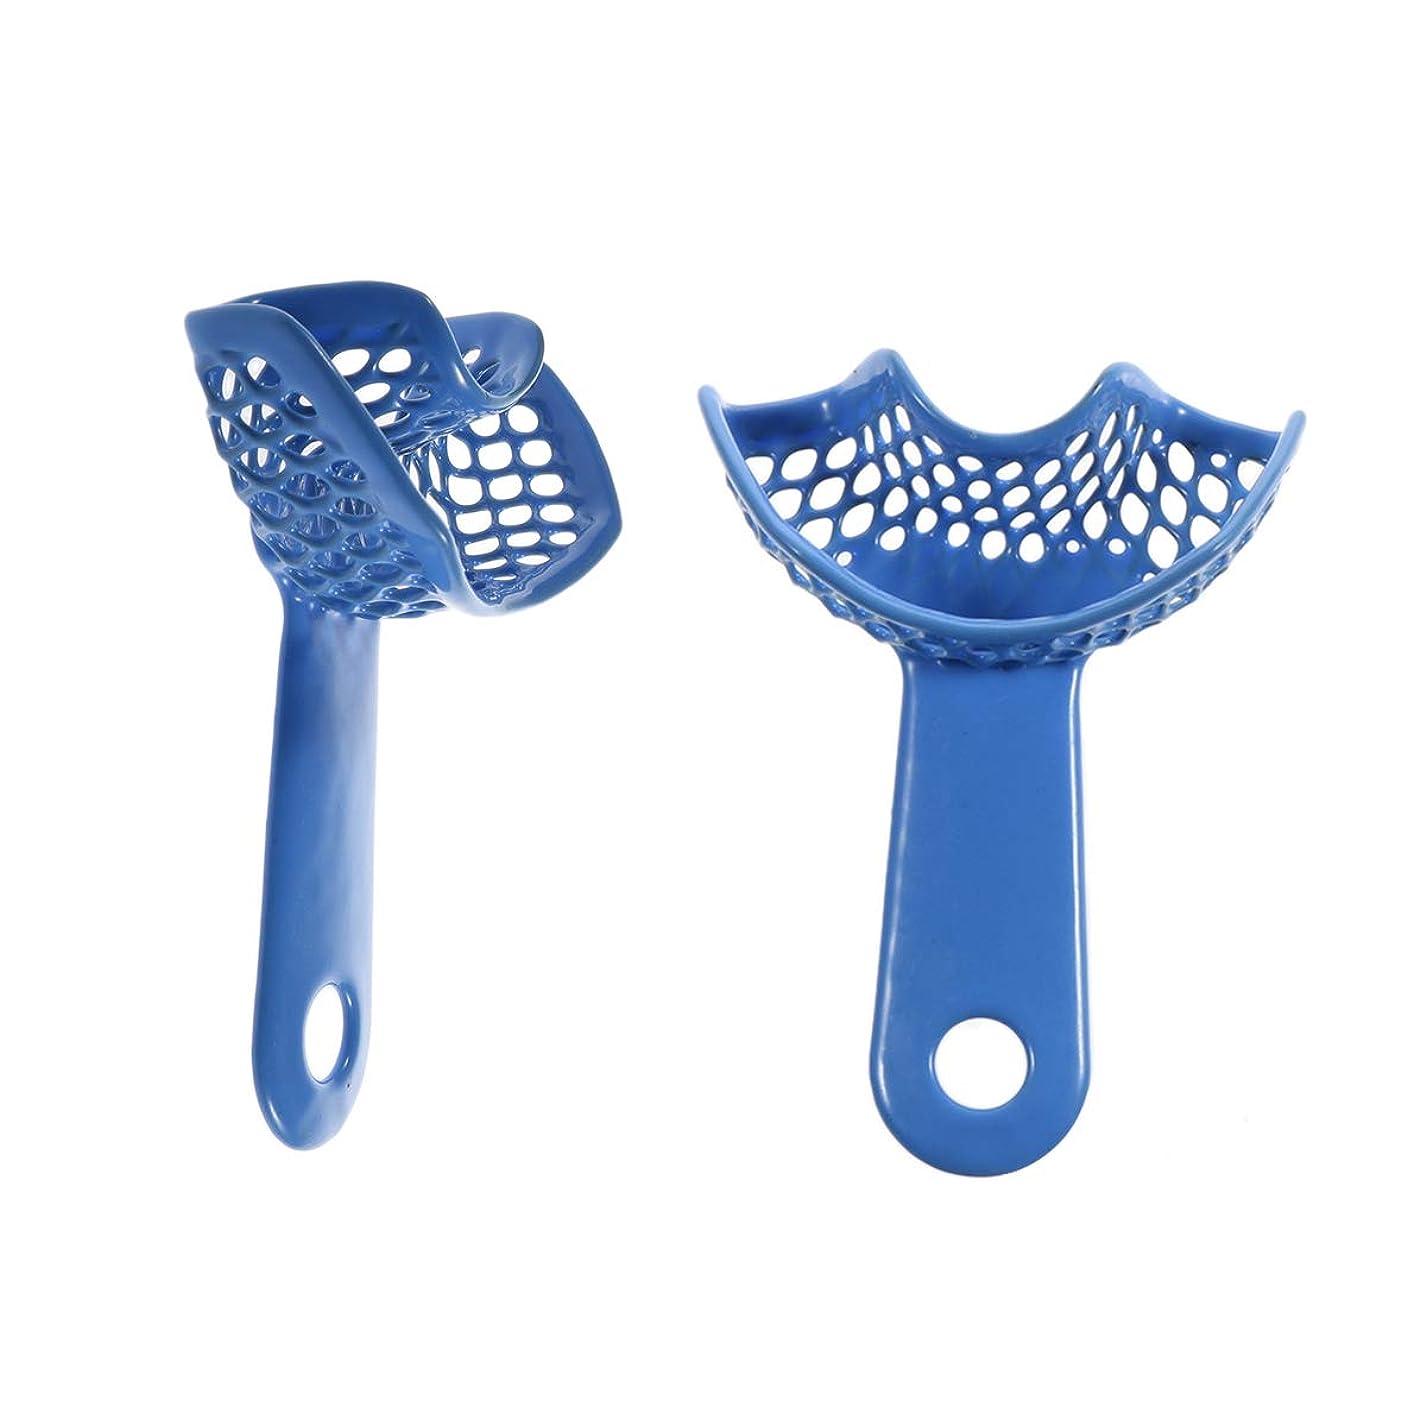 曲石化する賭けSUPVOX 2pcsプラスチック製使い捨て歯科用印象トレイ歯科用フッ化物トレイ(青、QK)